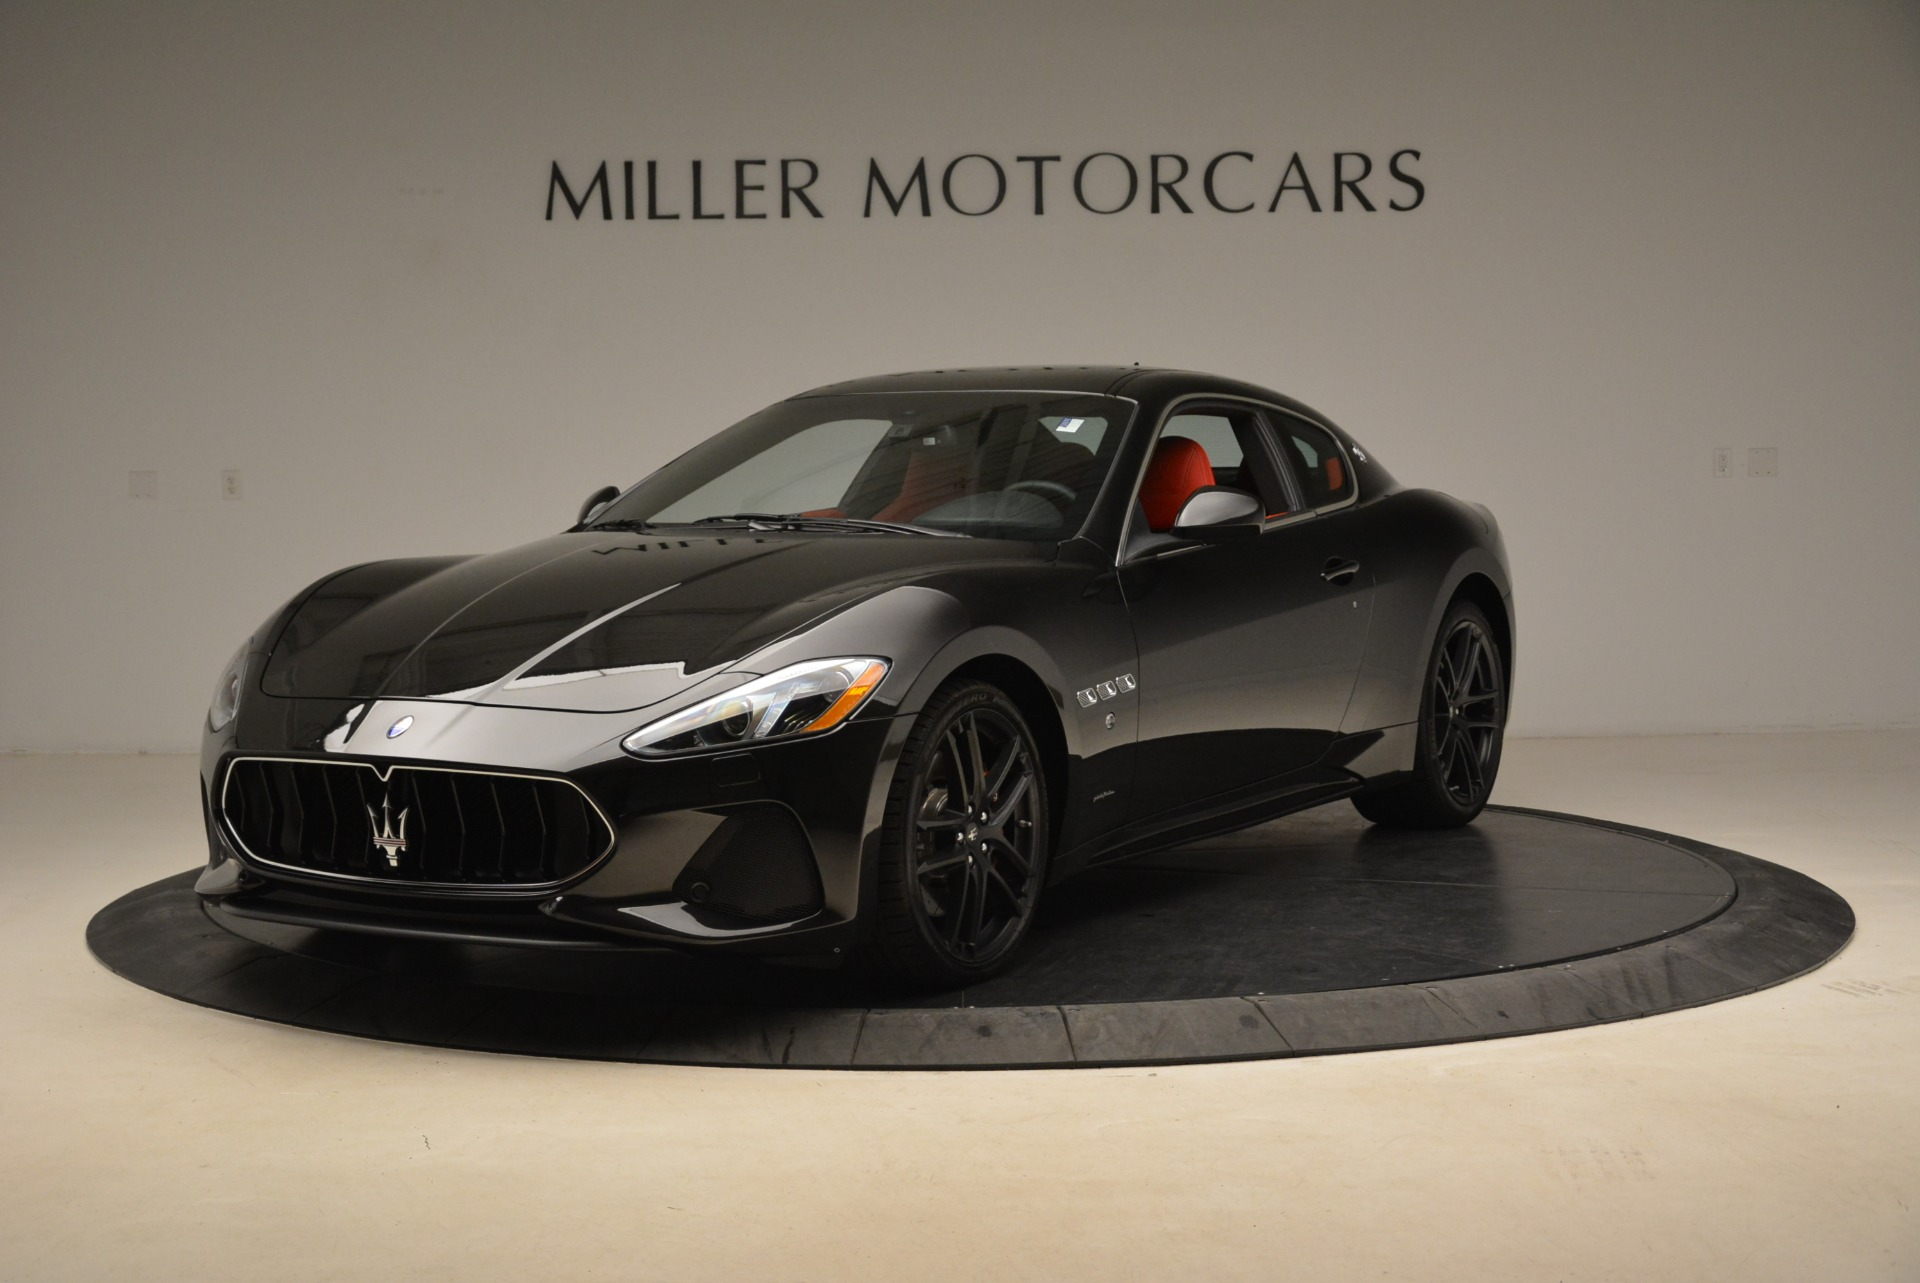 New 2018 Maserati GranTurismo Sport for sale Sold at Bugatti of Greenwich in Greenwich CT 06830 1